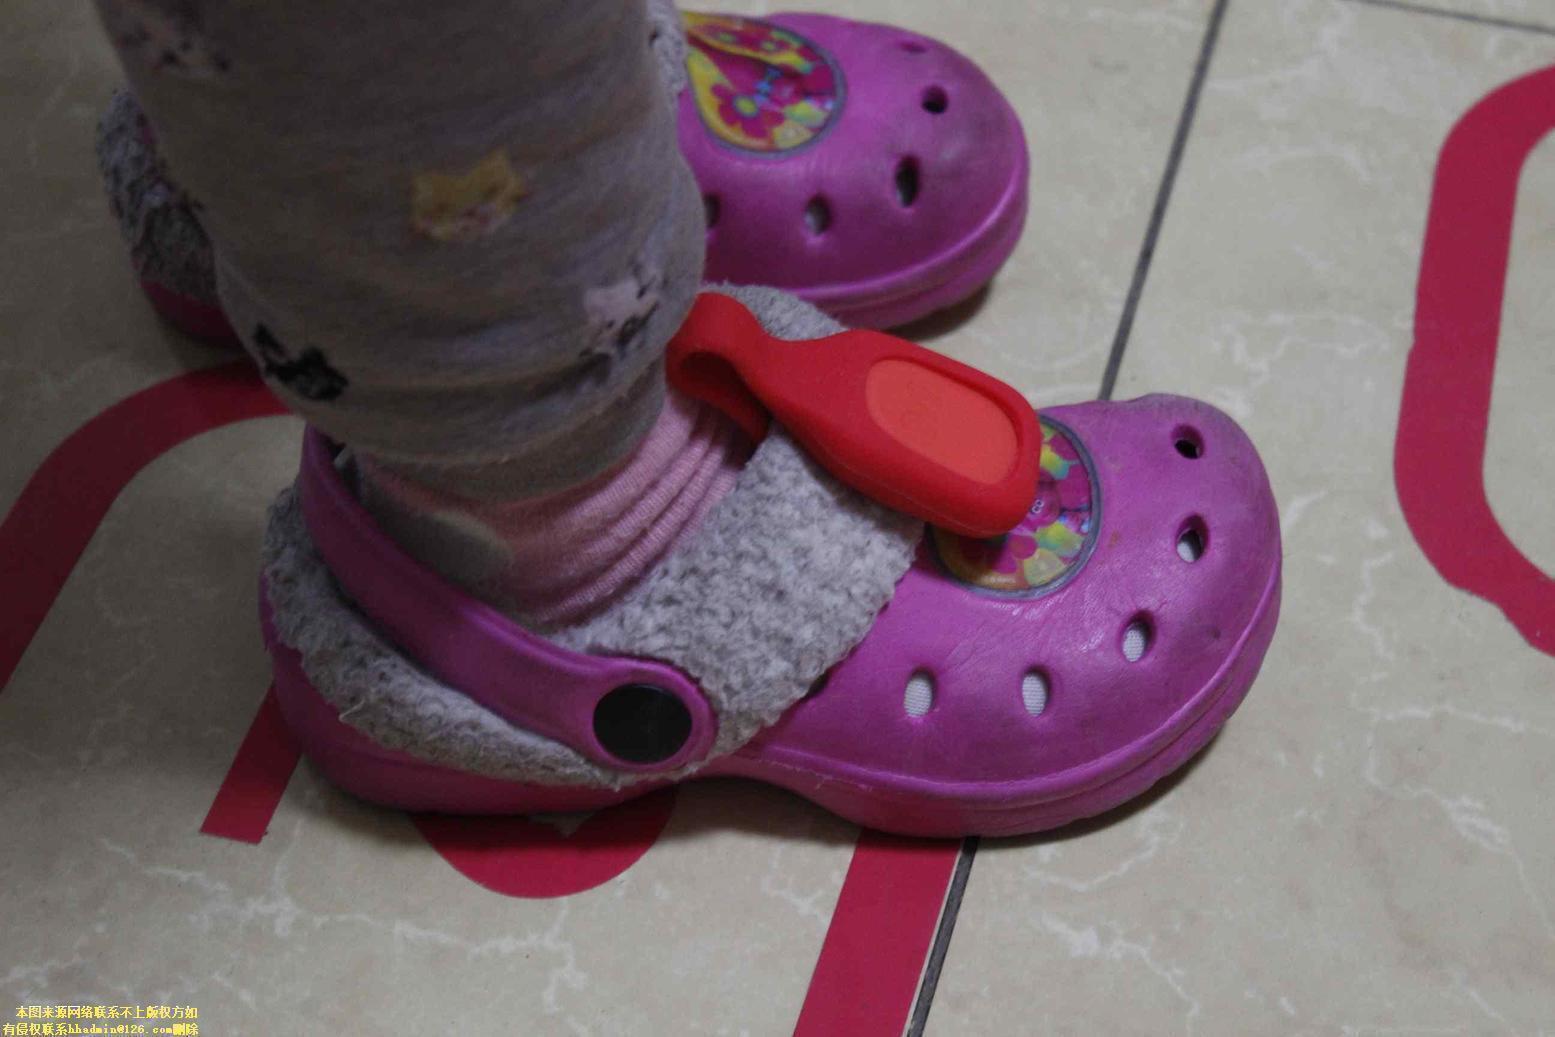 小身材大乐趣——微跑小蛙孩子的贴身玩伴